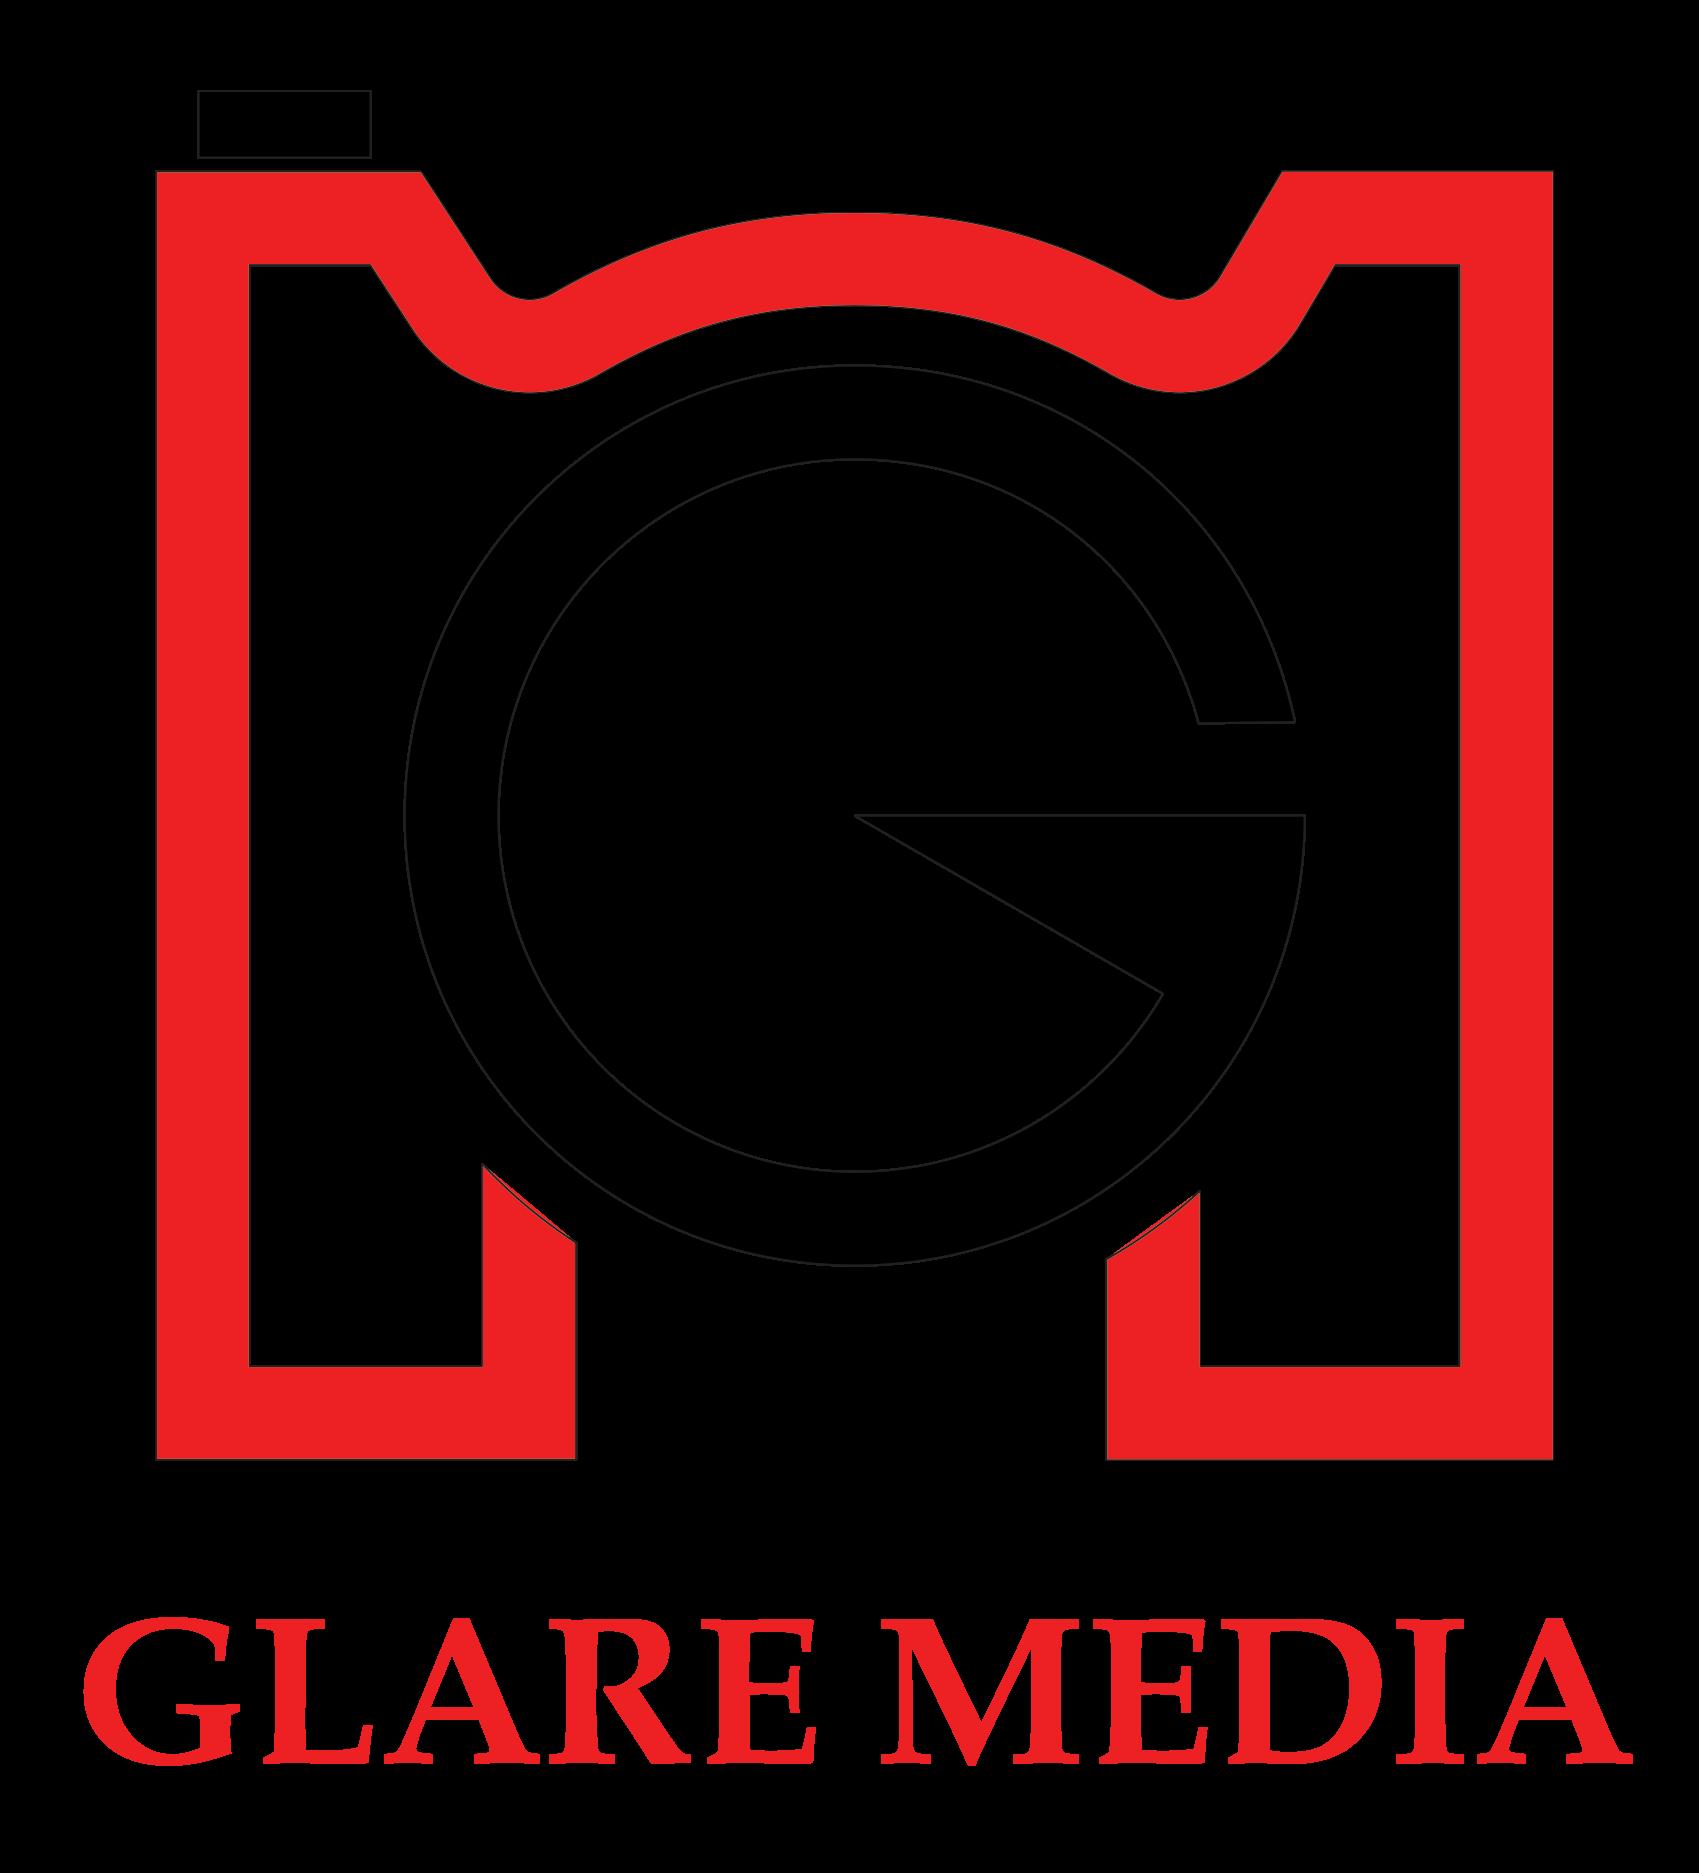 Glare Media